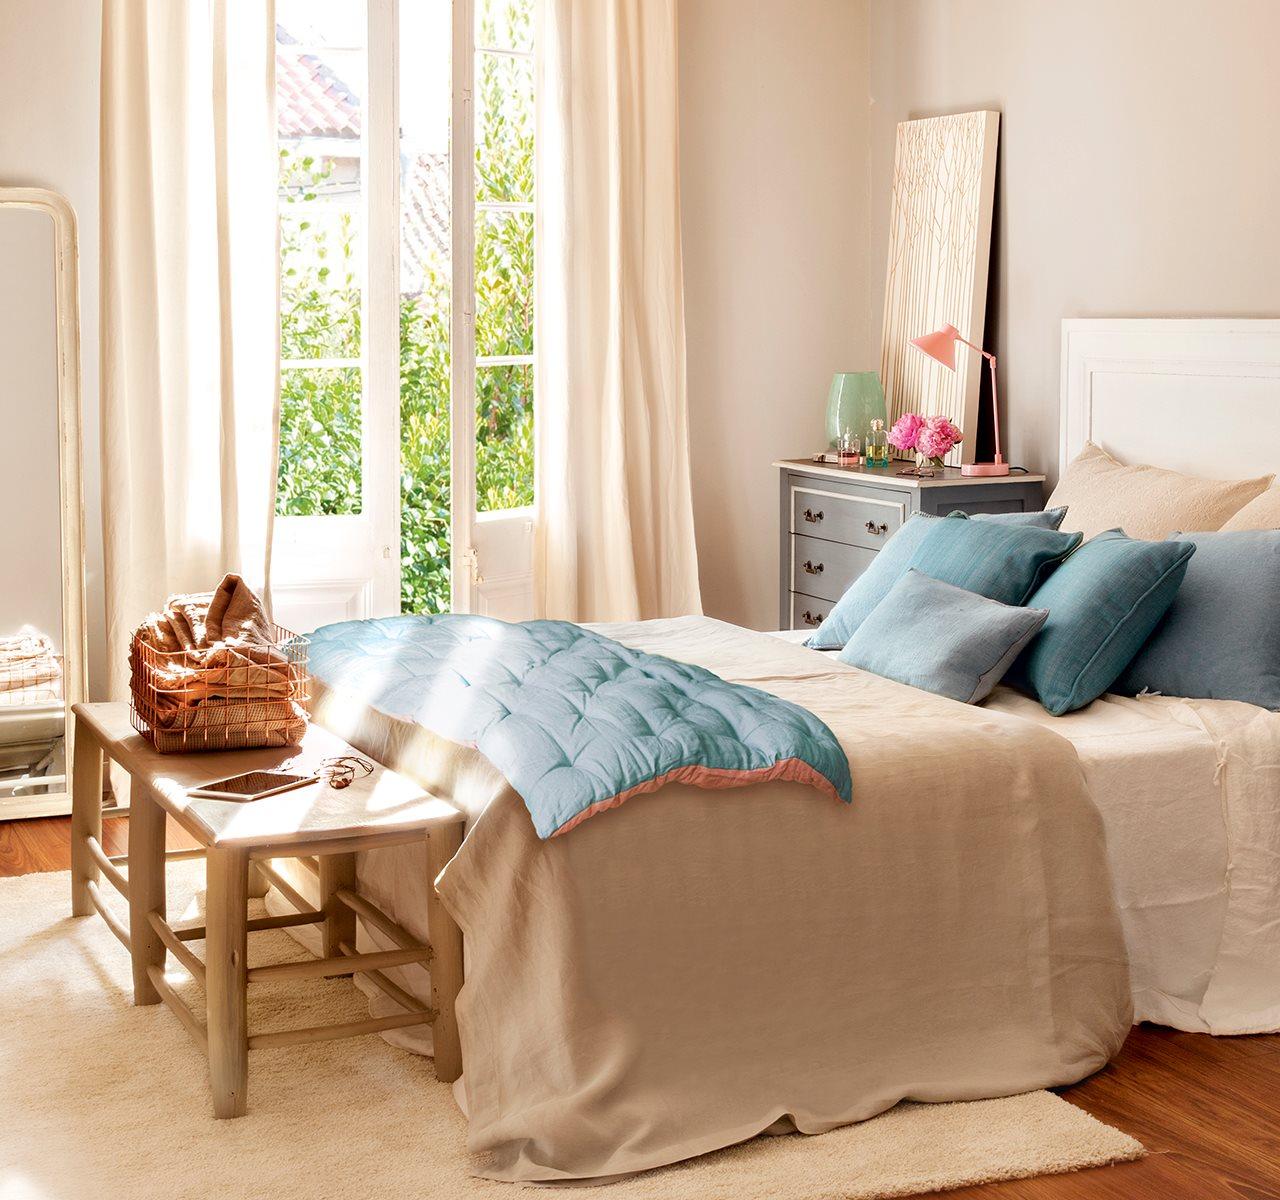 Un dormitorio con cinco estilos diferentes cu l te gusta m s - Cabeceros plateados ...